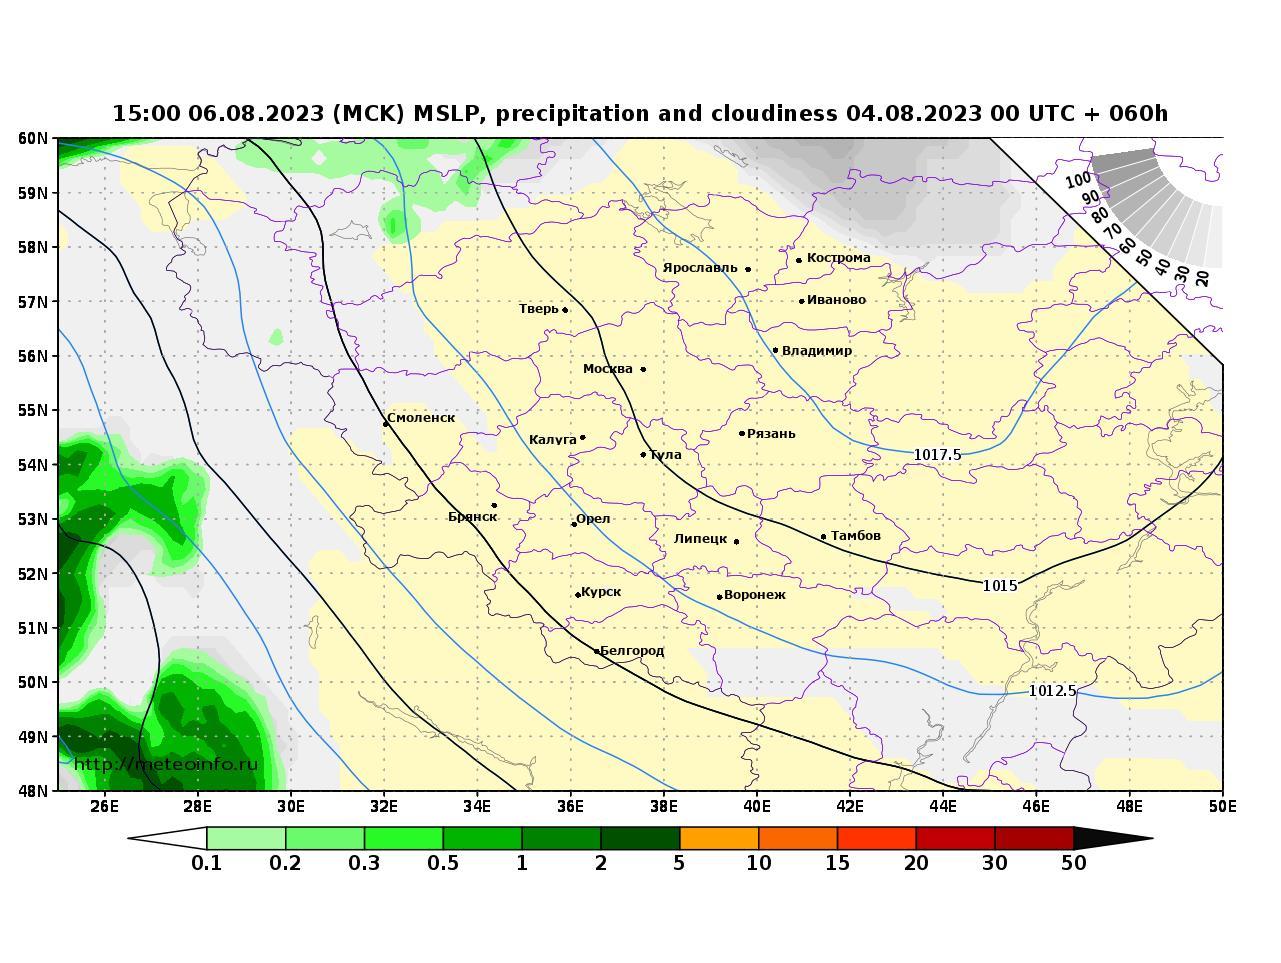 Центральный Федеральный округ, прогностическая карта осадки и давление, заблаговременность прогноза 60 часов